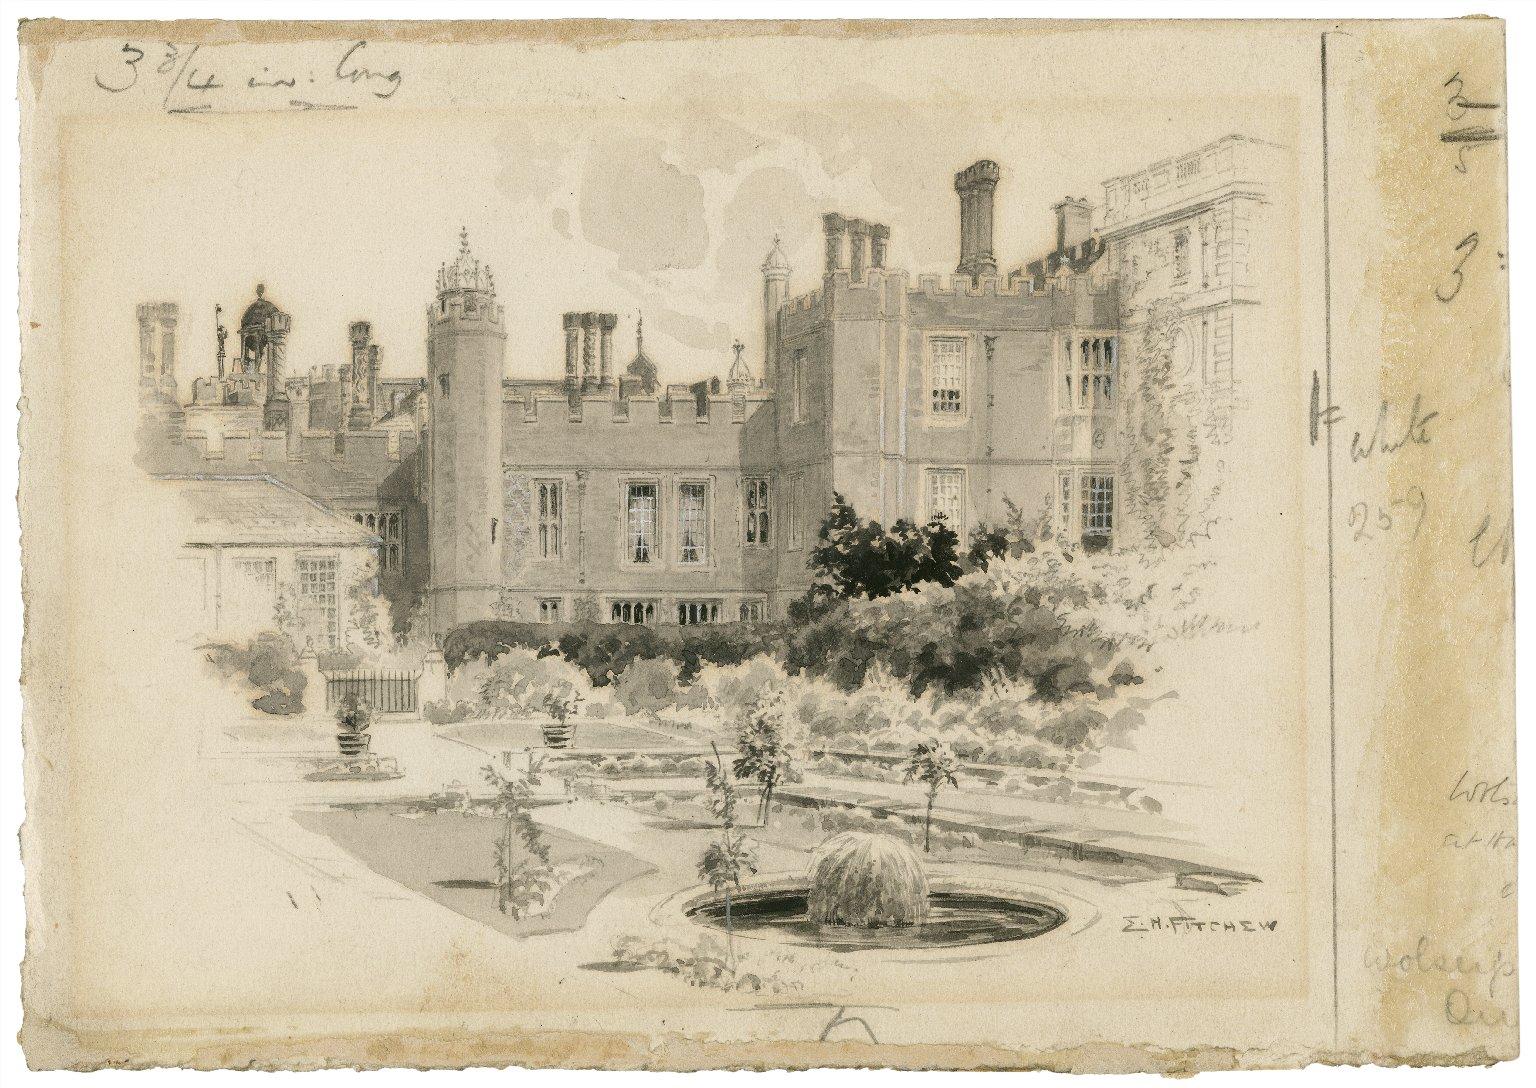 Wolsey's Palace [graphic] / E.H. Fitchew.